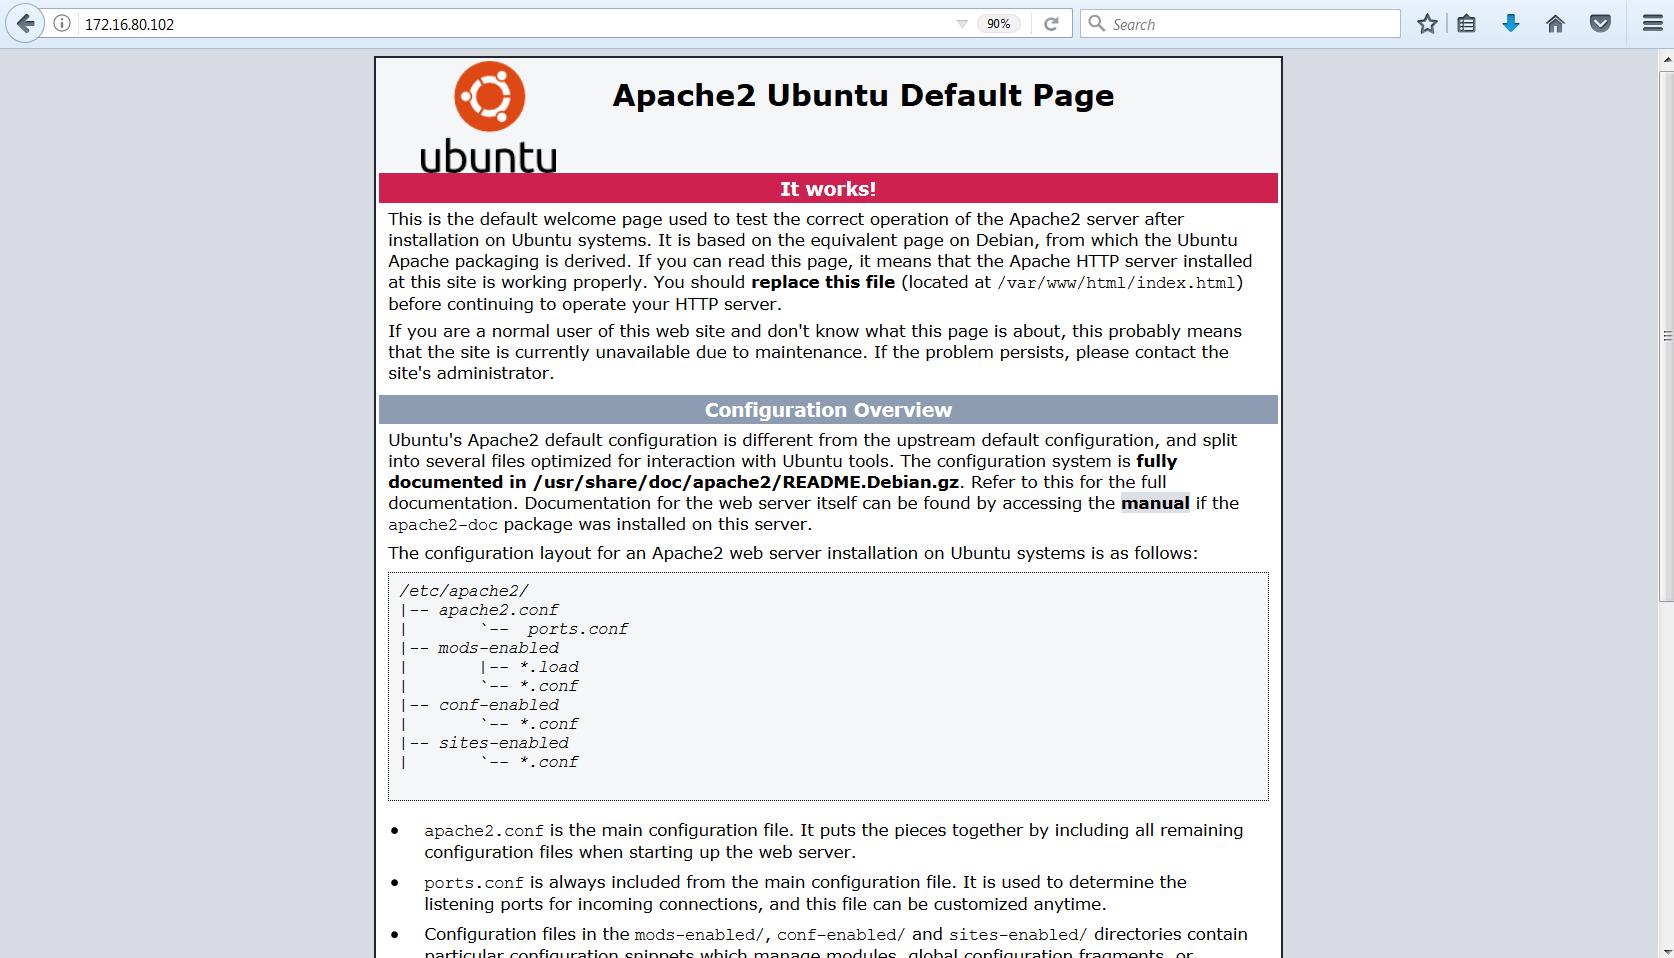 apache WEB server default